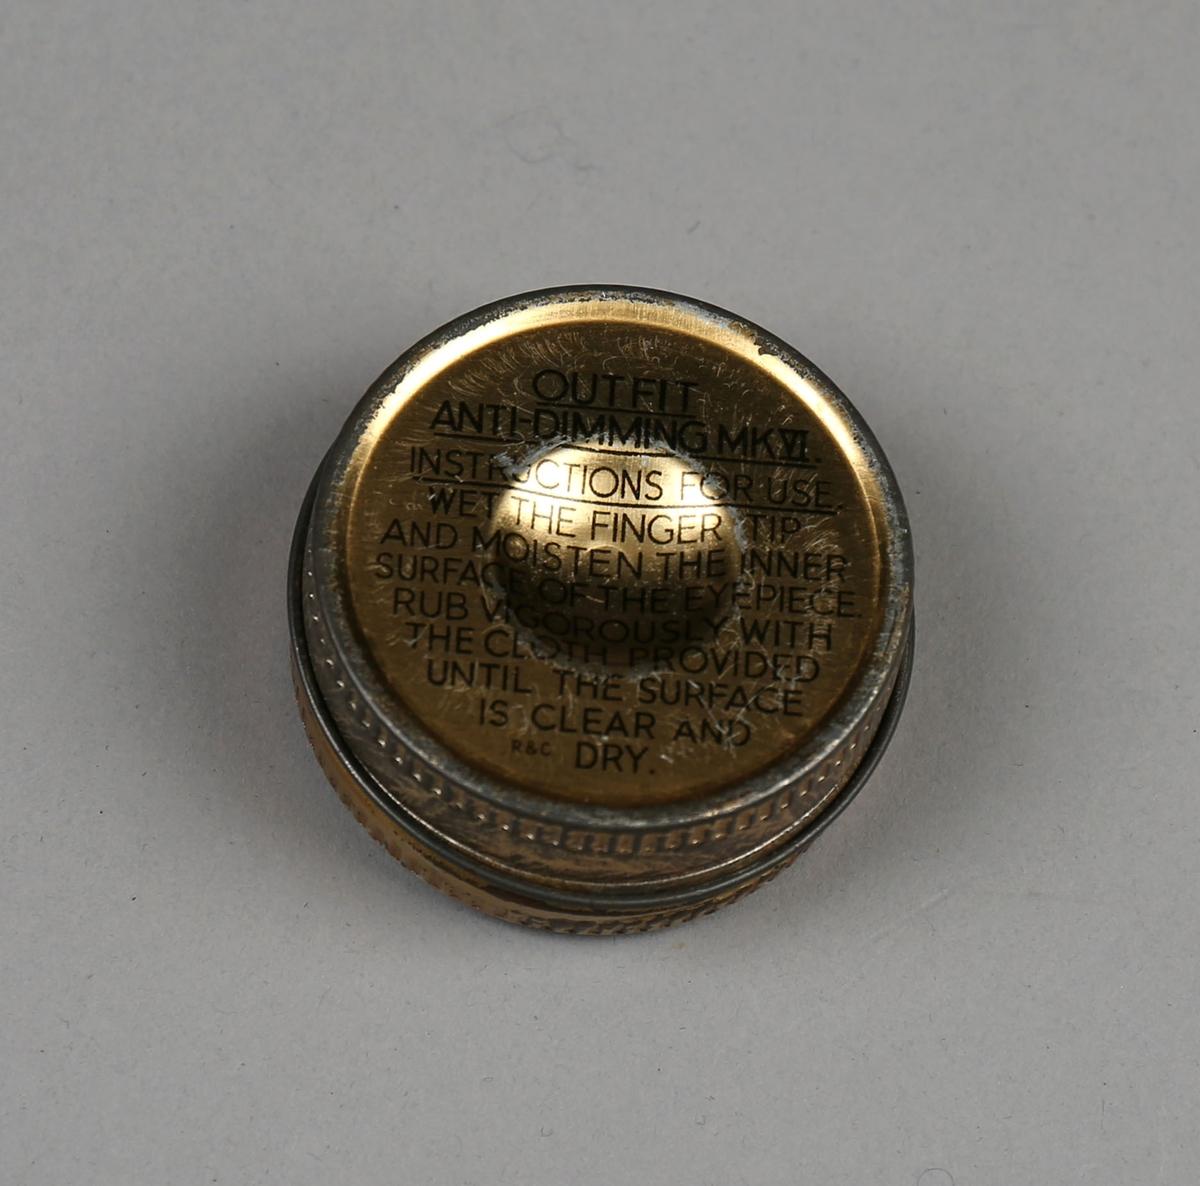 Liten rund beholder i metall med lokk. Inneholder en liten pusseklut. Oppbevares i lomme i tøyveske til gassmaske.